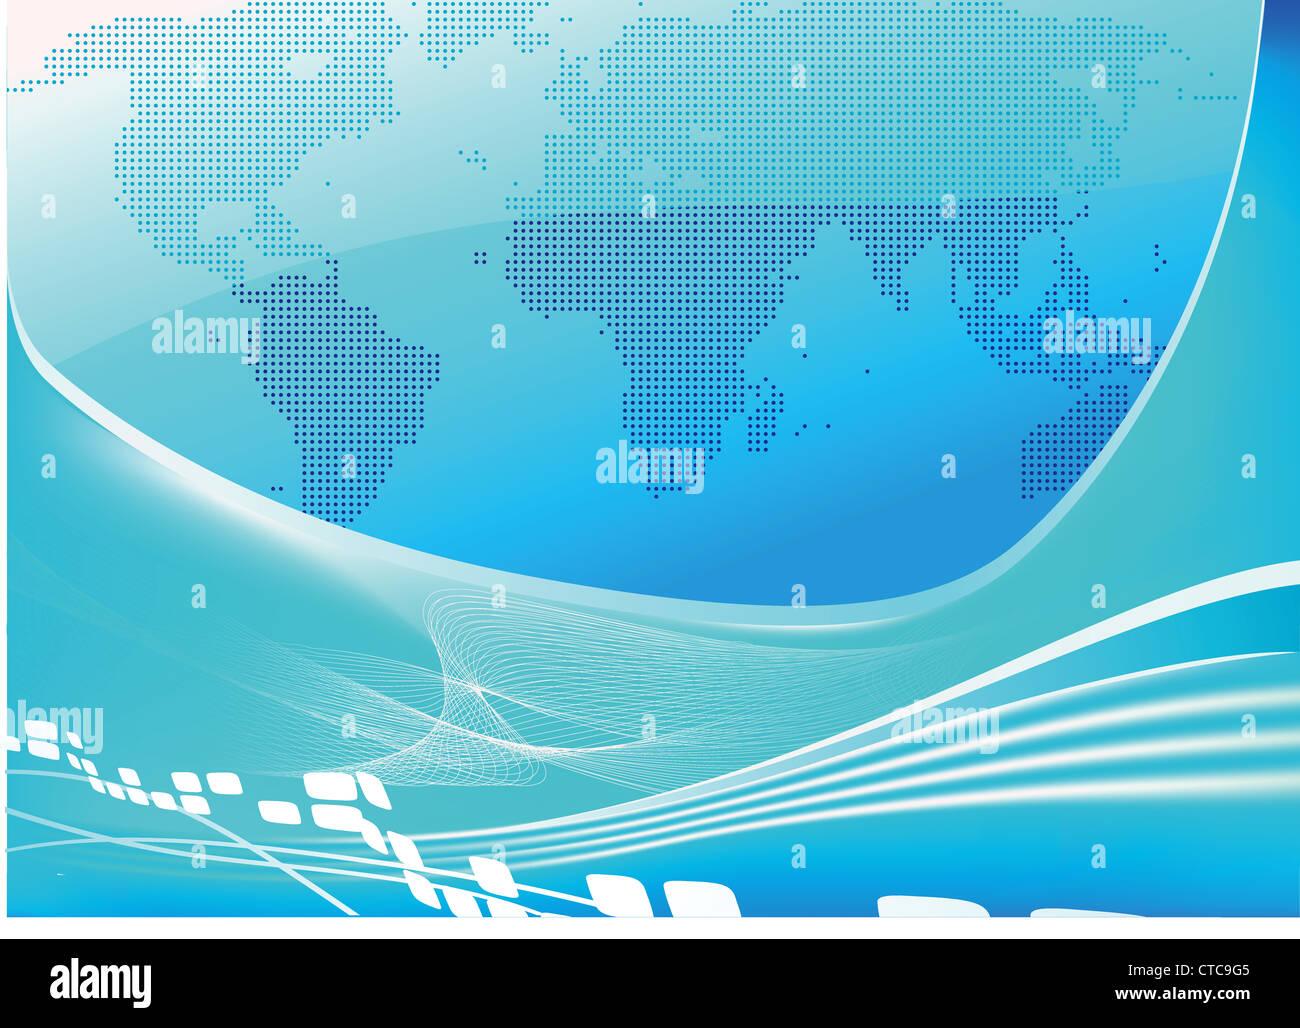 Vector illustration of stylised blue world map background - Stock Image